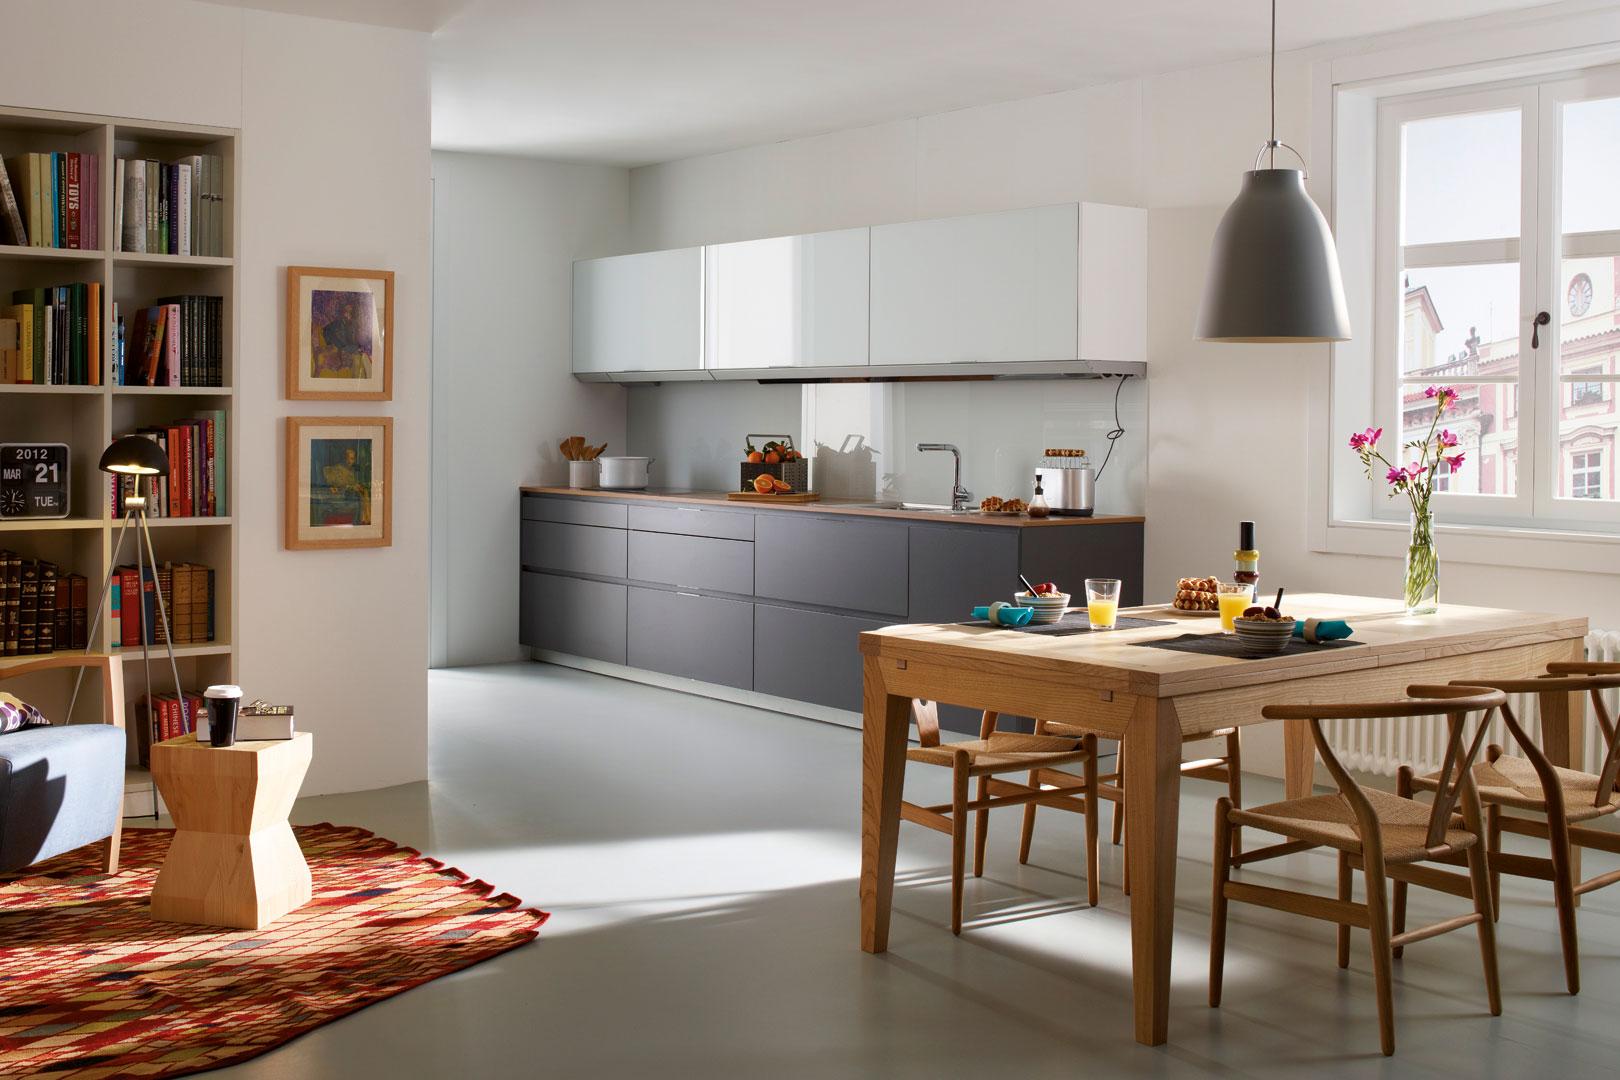 Image cocinas-abiertas-santos-umbra-e-estratificado-santiago-interiores